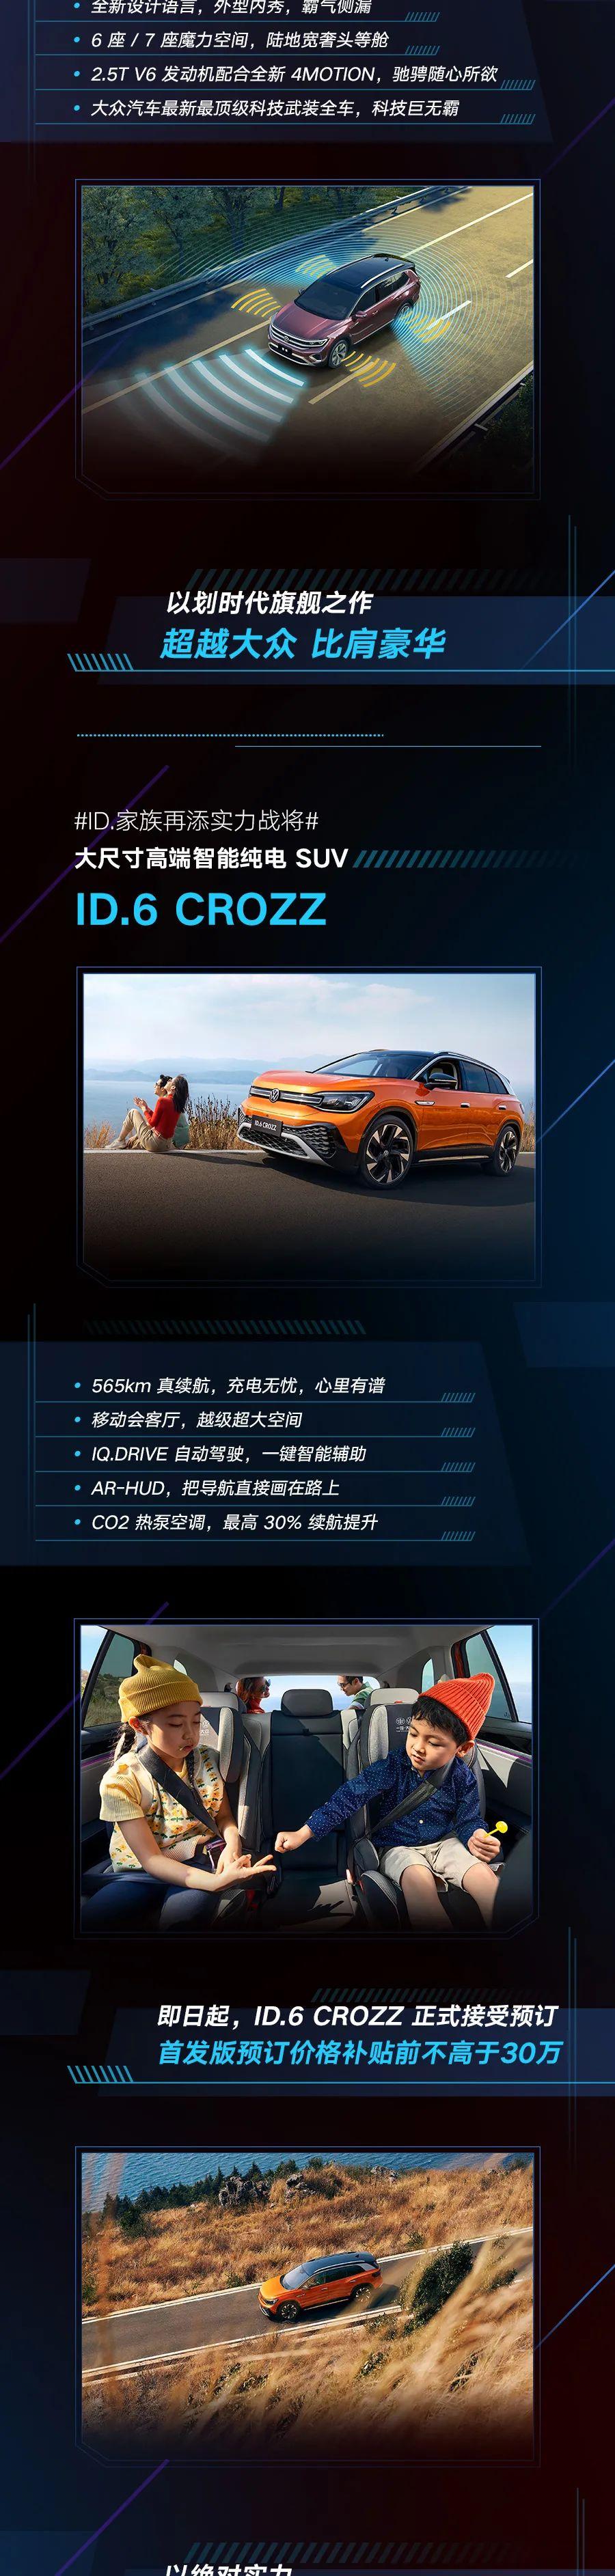 三款重磅新车首发 一汽-大众领衔上海车展